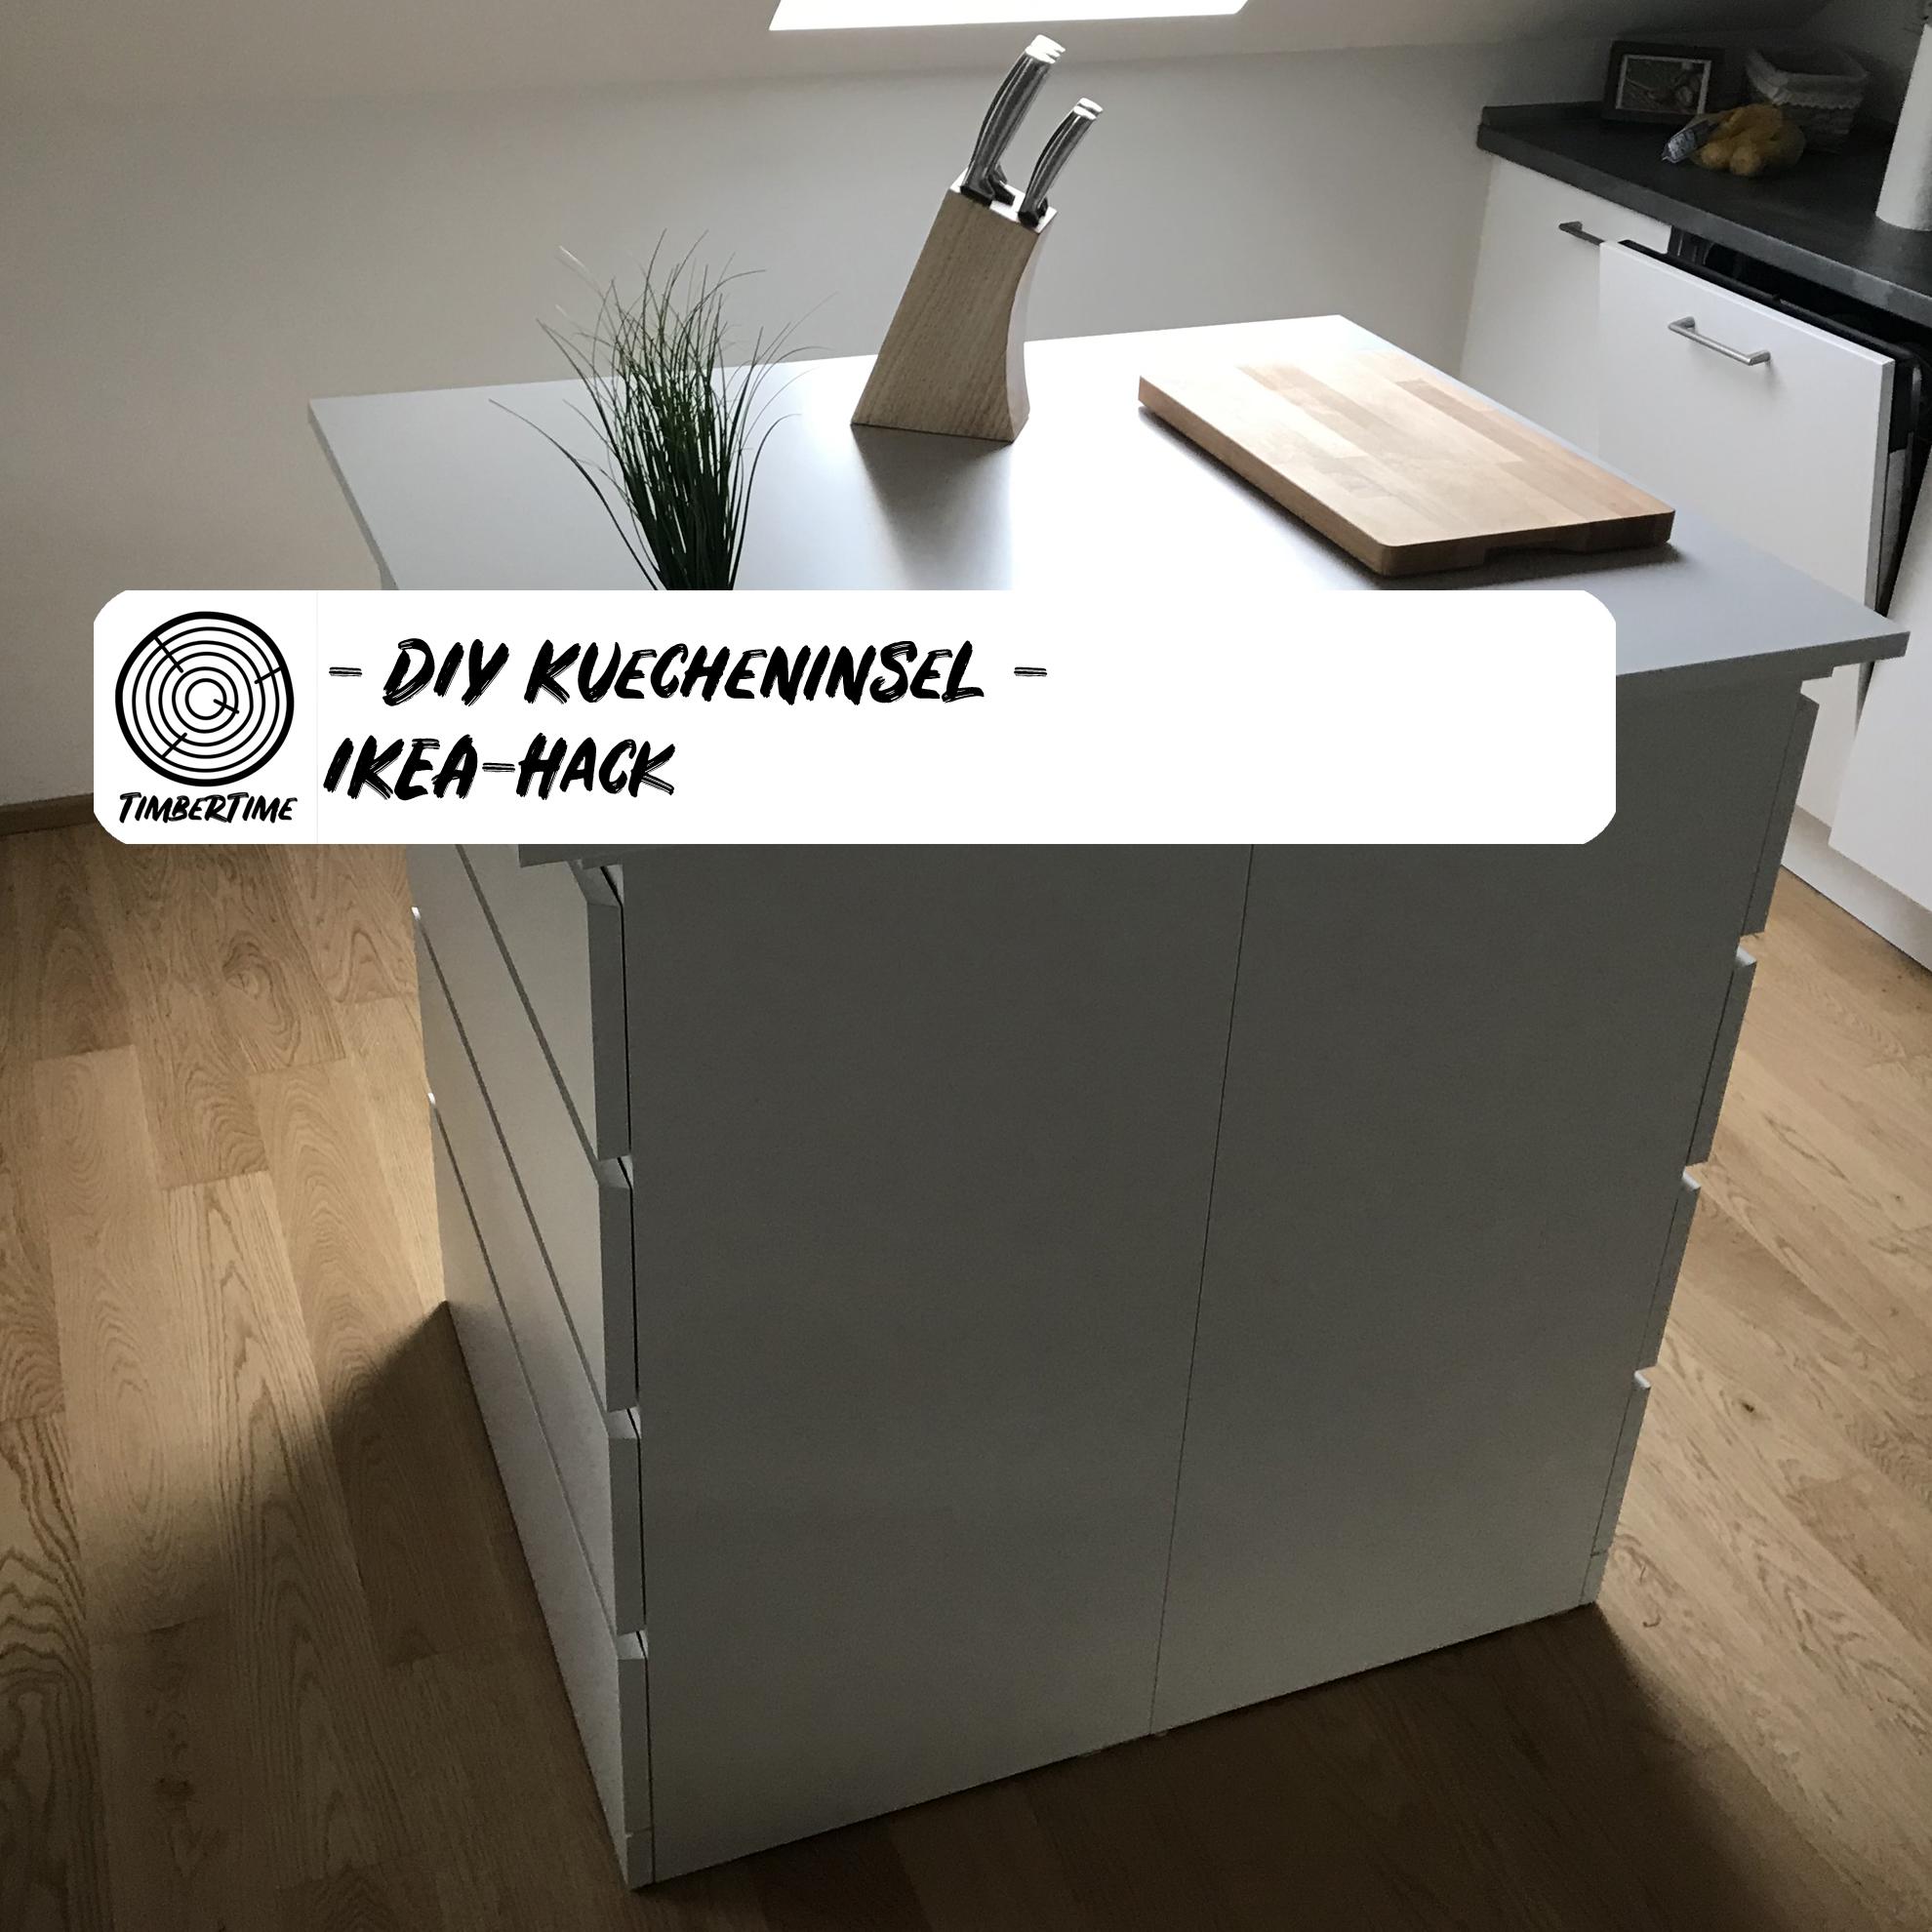 Full Size of Diy Kcheninsel Selber Bauen Ikea Hack Betten 160x200 Modulküche Küche Kaufen Bei Kosten Sofa Mit Schlaffunktion Miniküche Wohnzimmer Kücheninseln Ikea